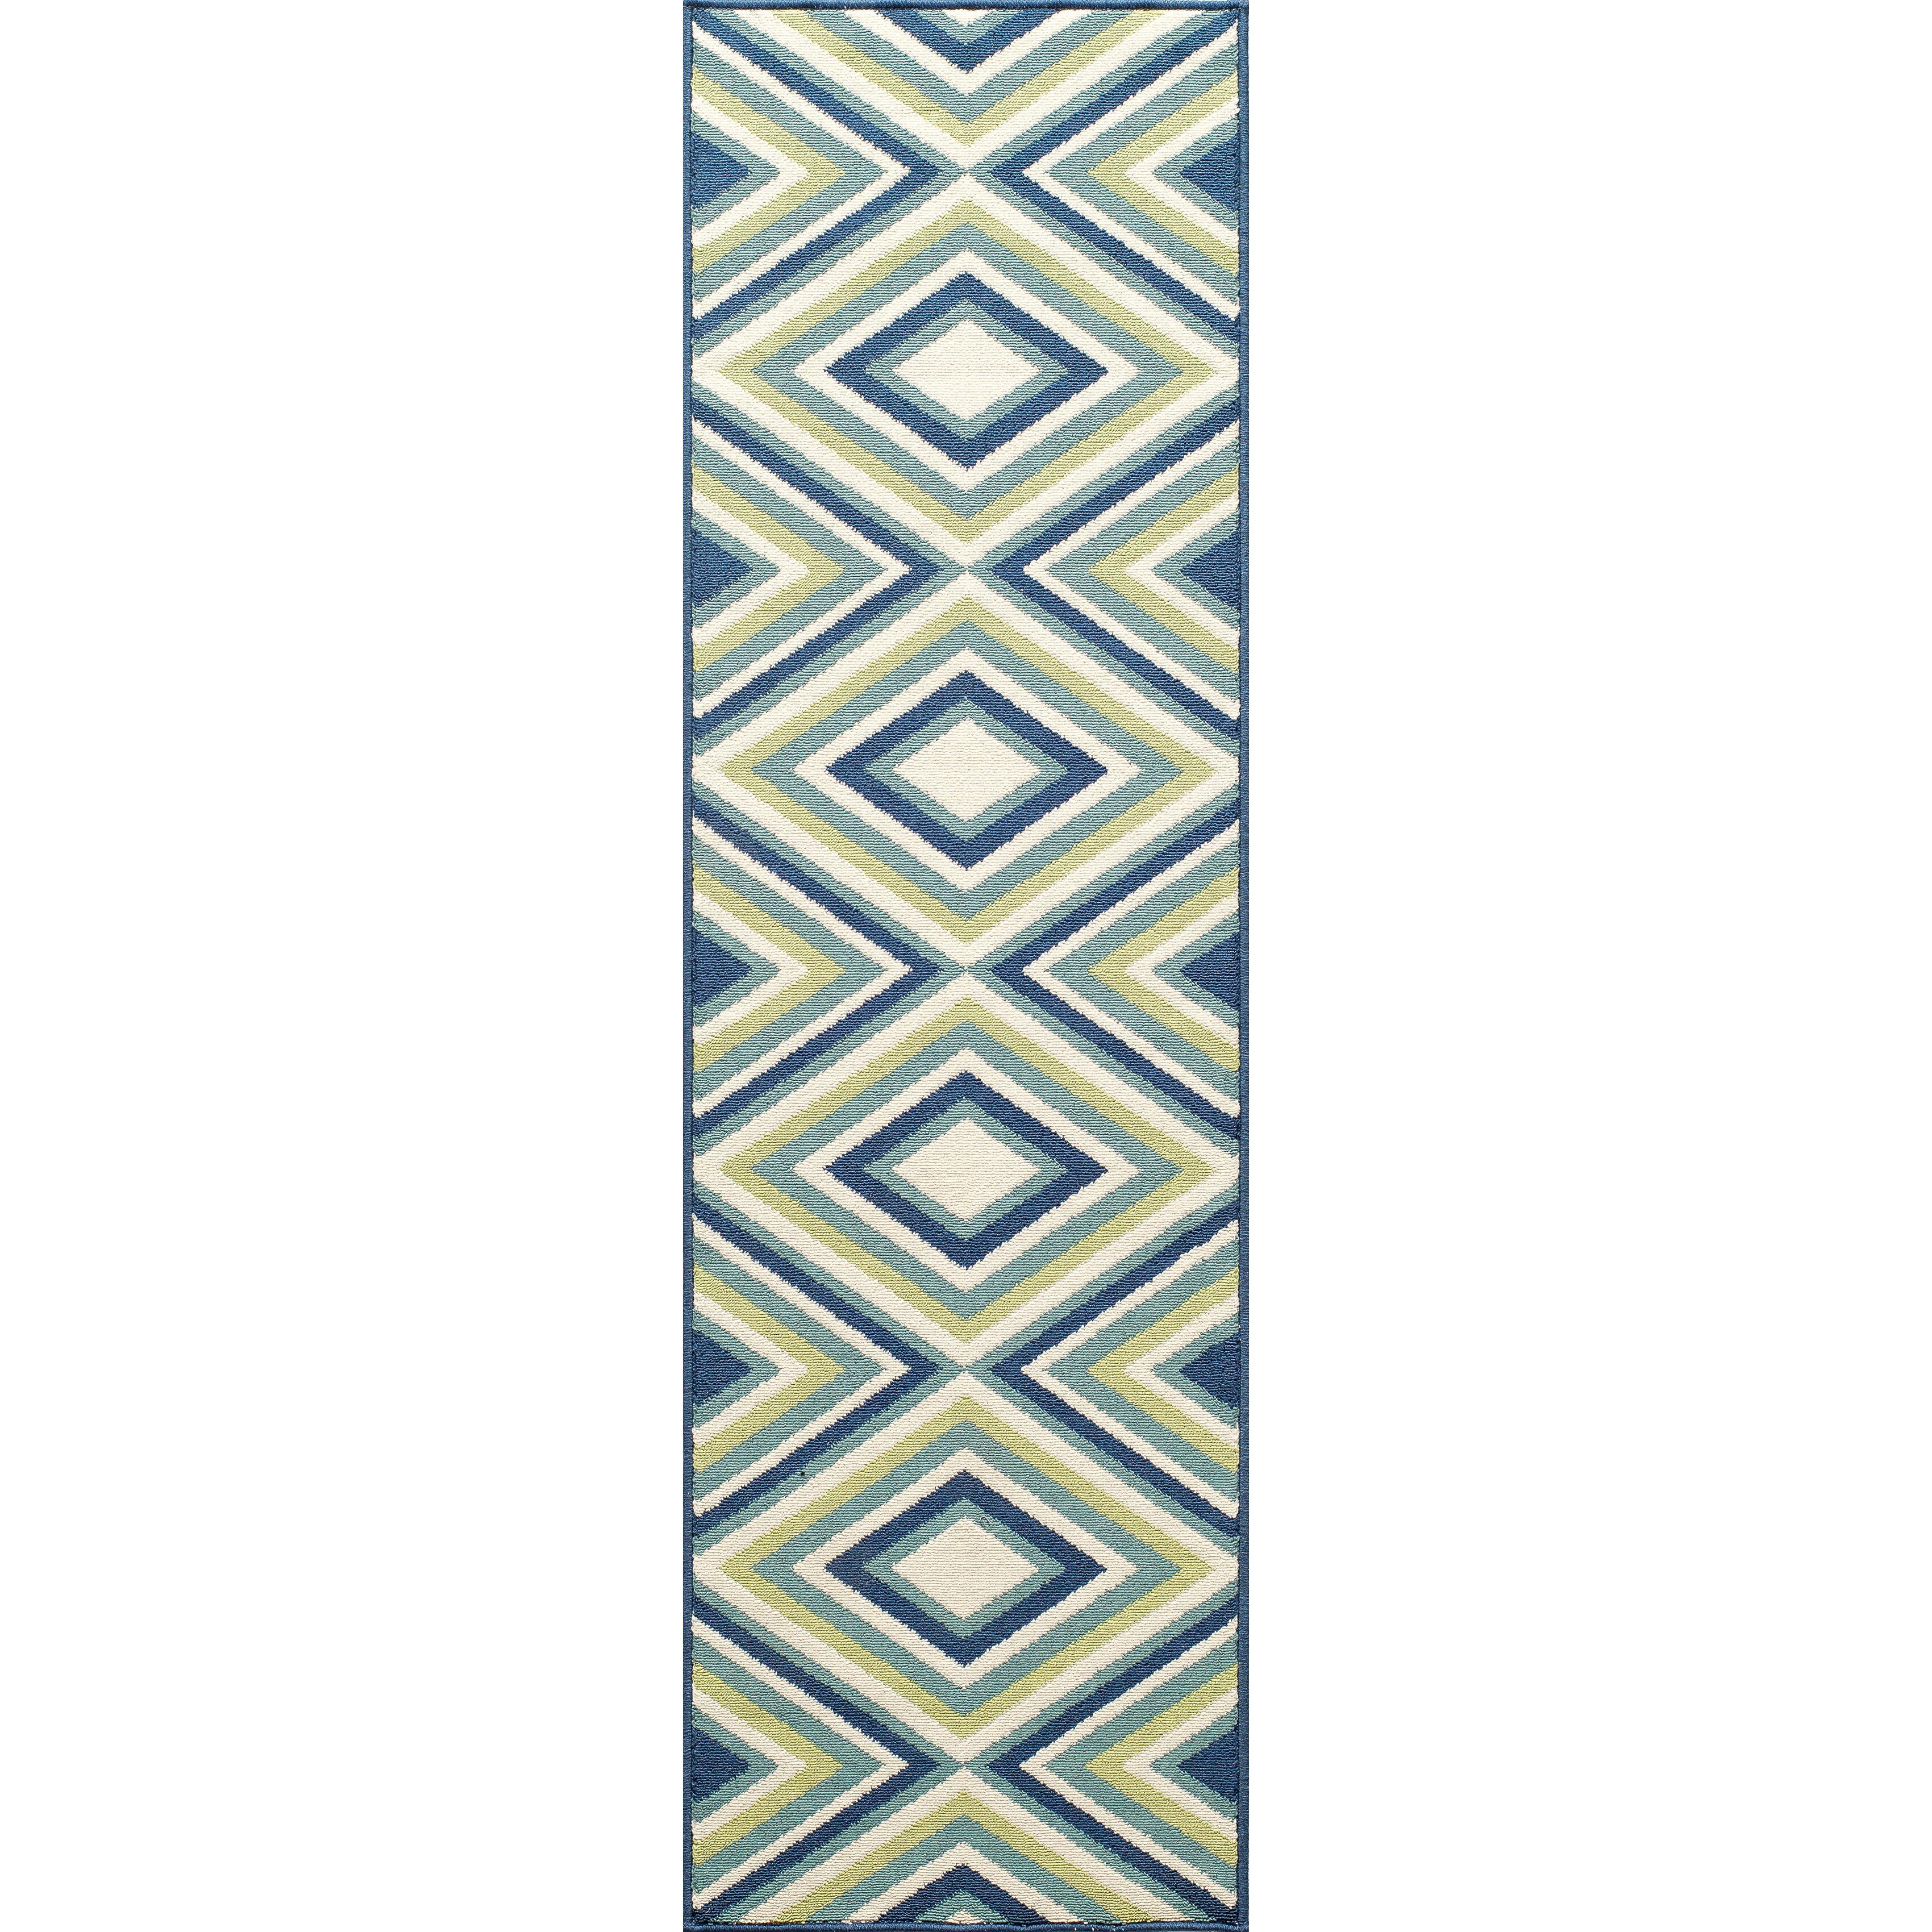 Varick Gallery Wexler Hand Woven Blue Green Area Rug